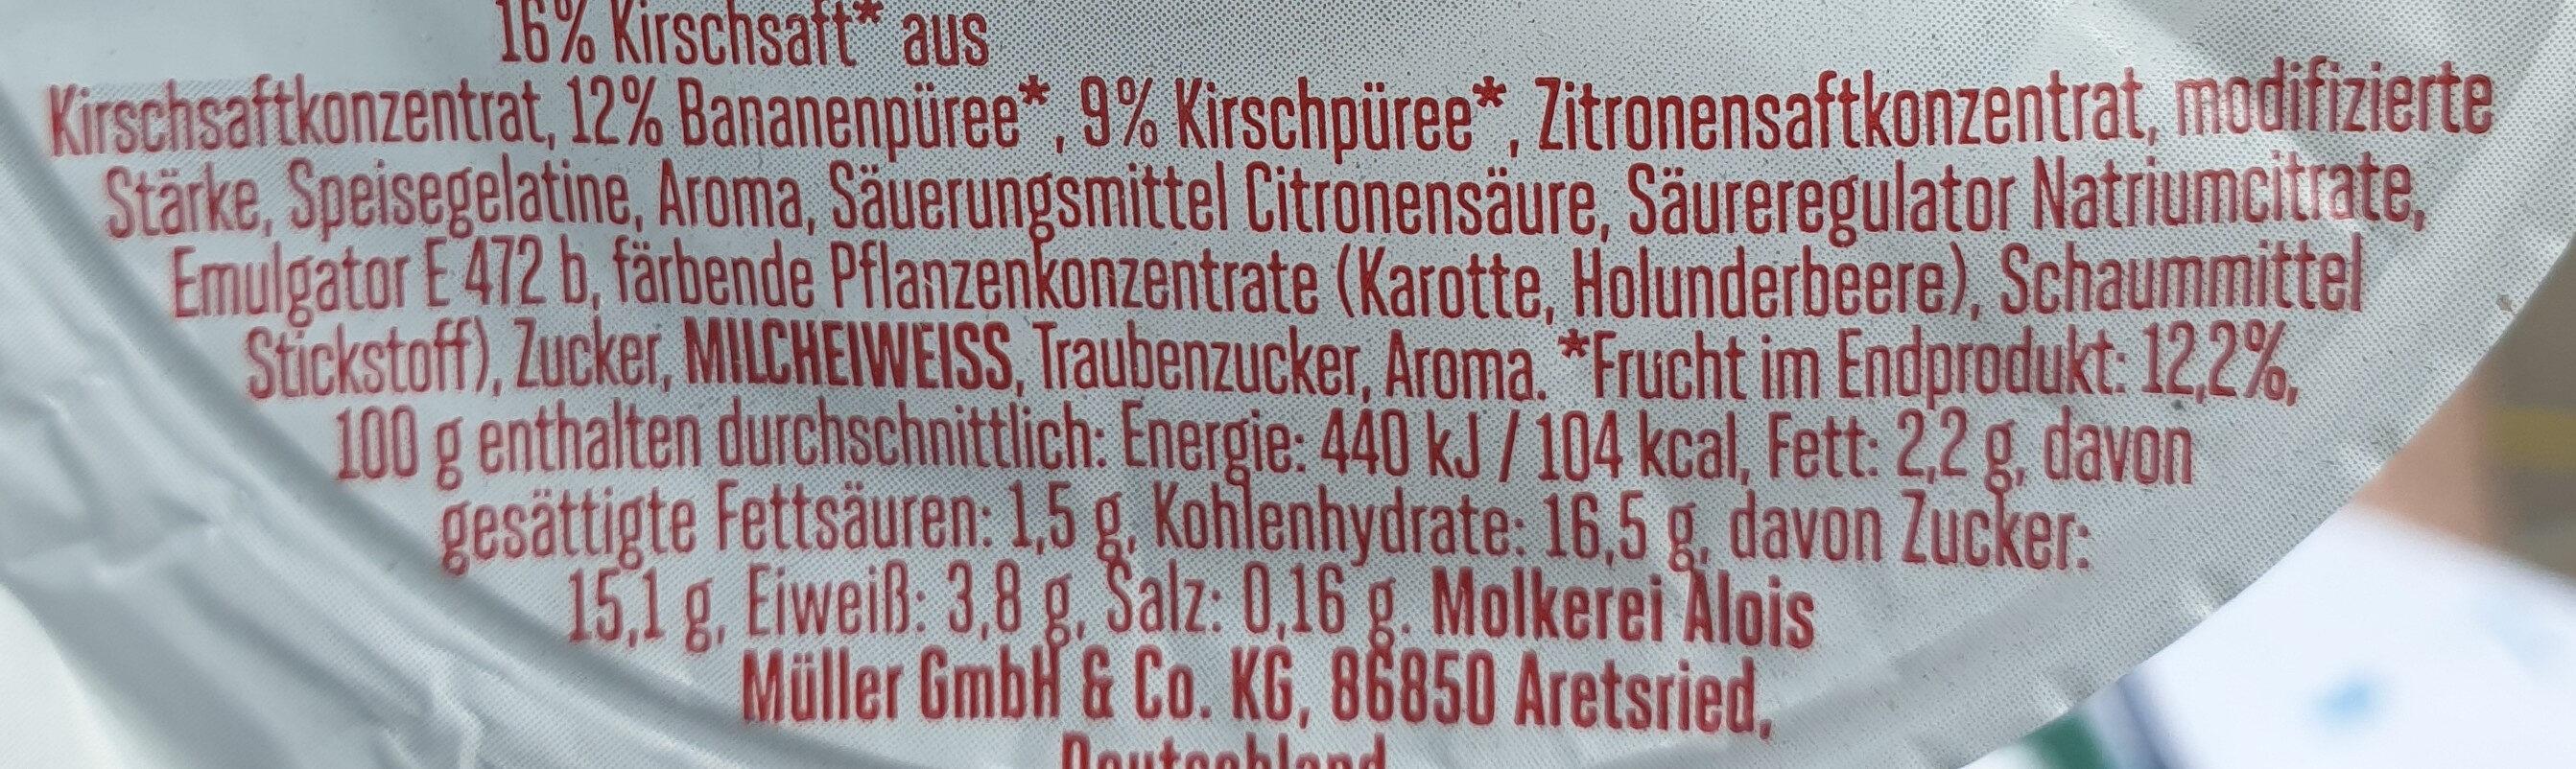 Froop Kirsch Banane - Ingredients - de